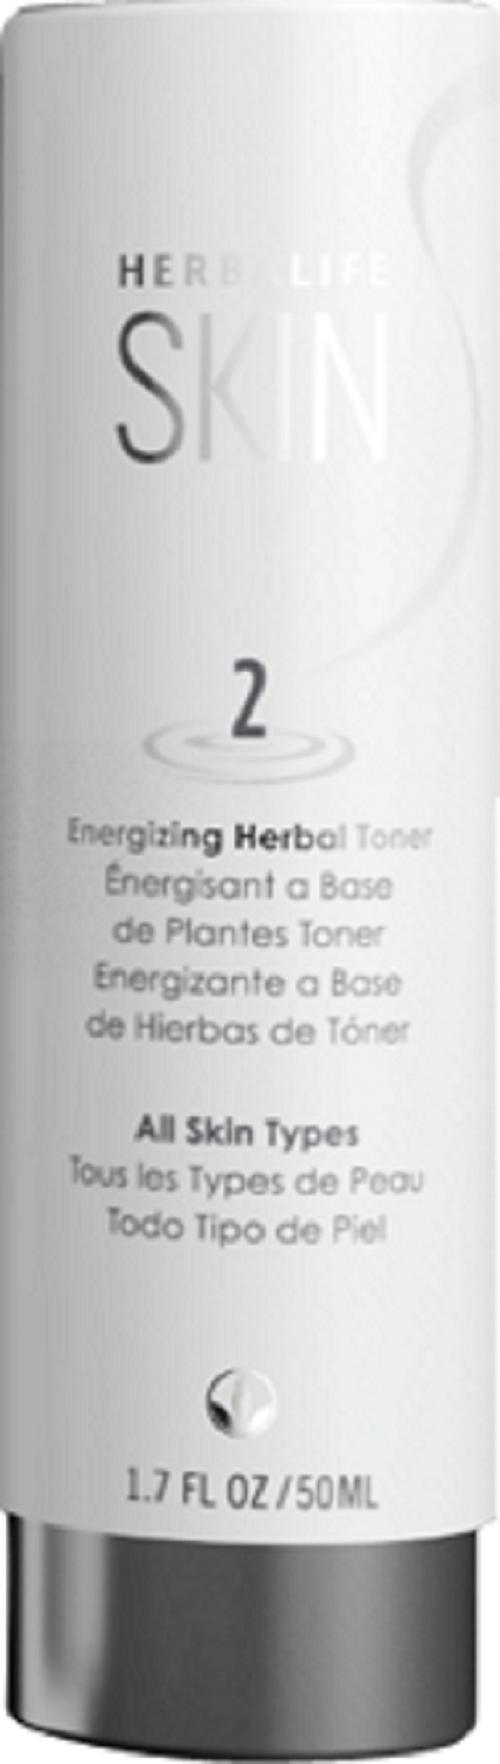 Skin Care - Energizing Herbal Toner#Herbalife#